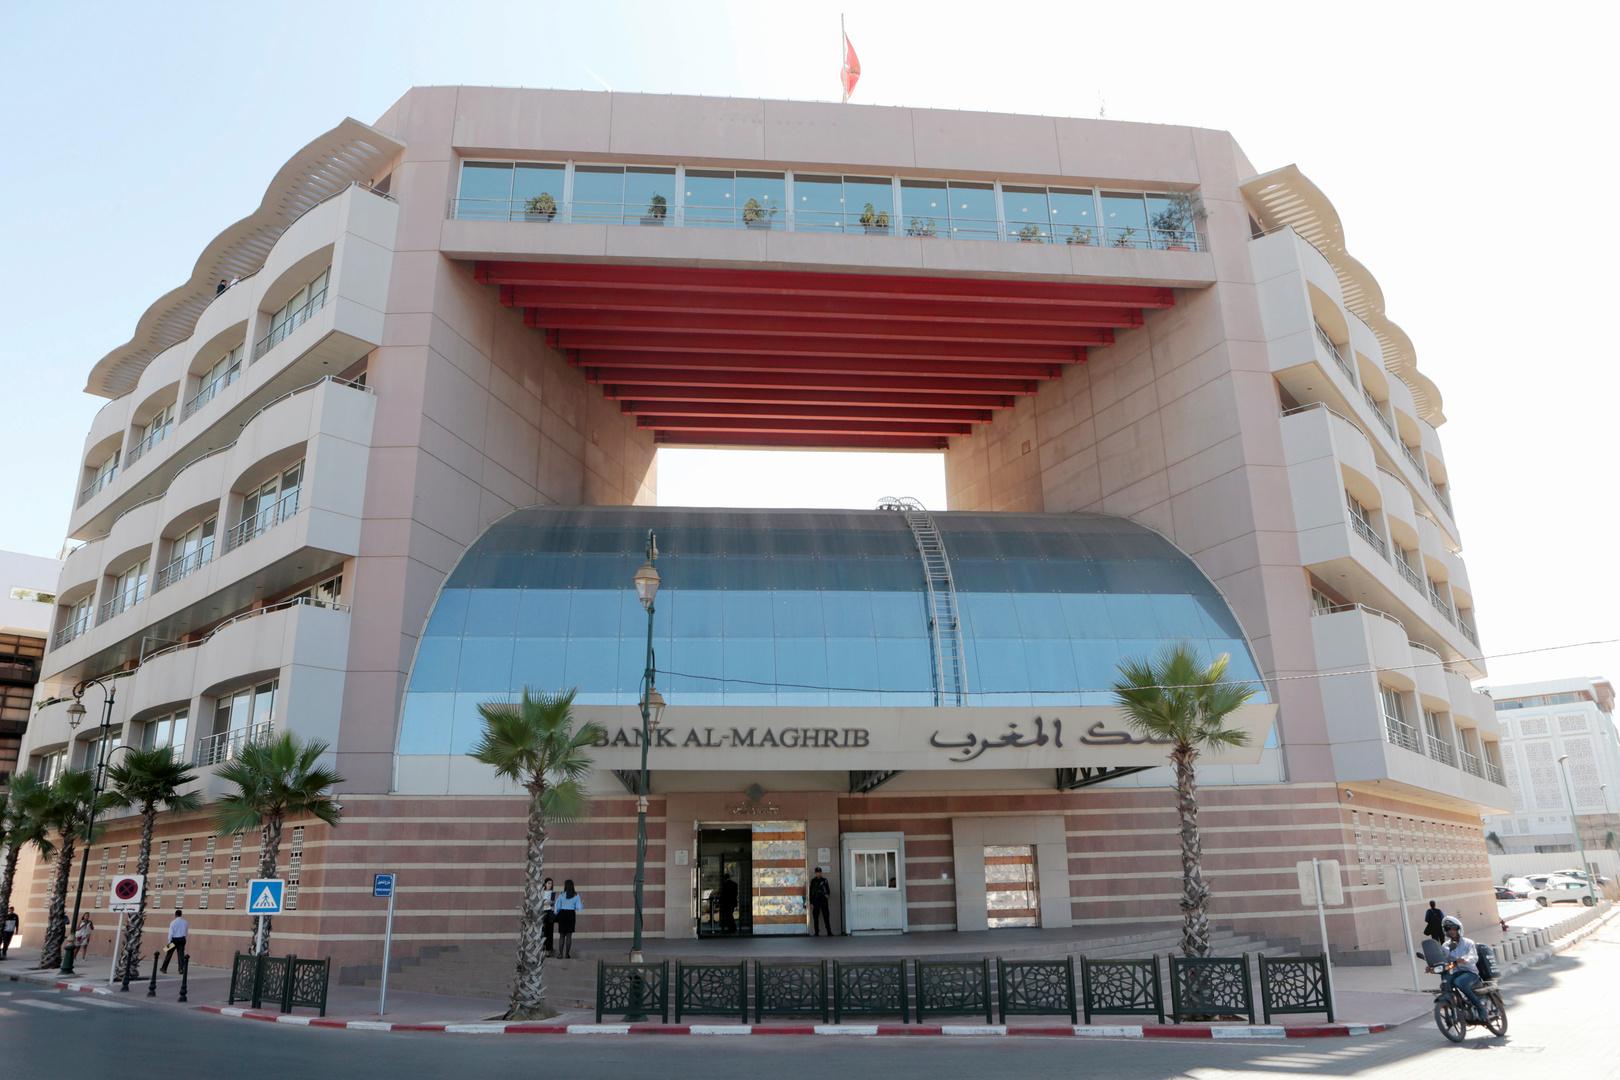 وكيل ملك المغرب يعلق على تصريحات المؤرخ والناشط الحقوقي المعطي منجب